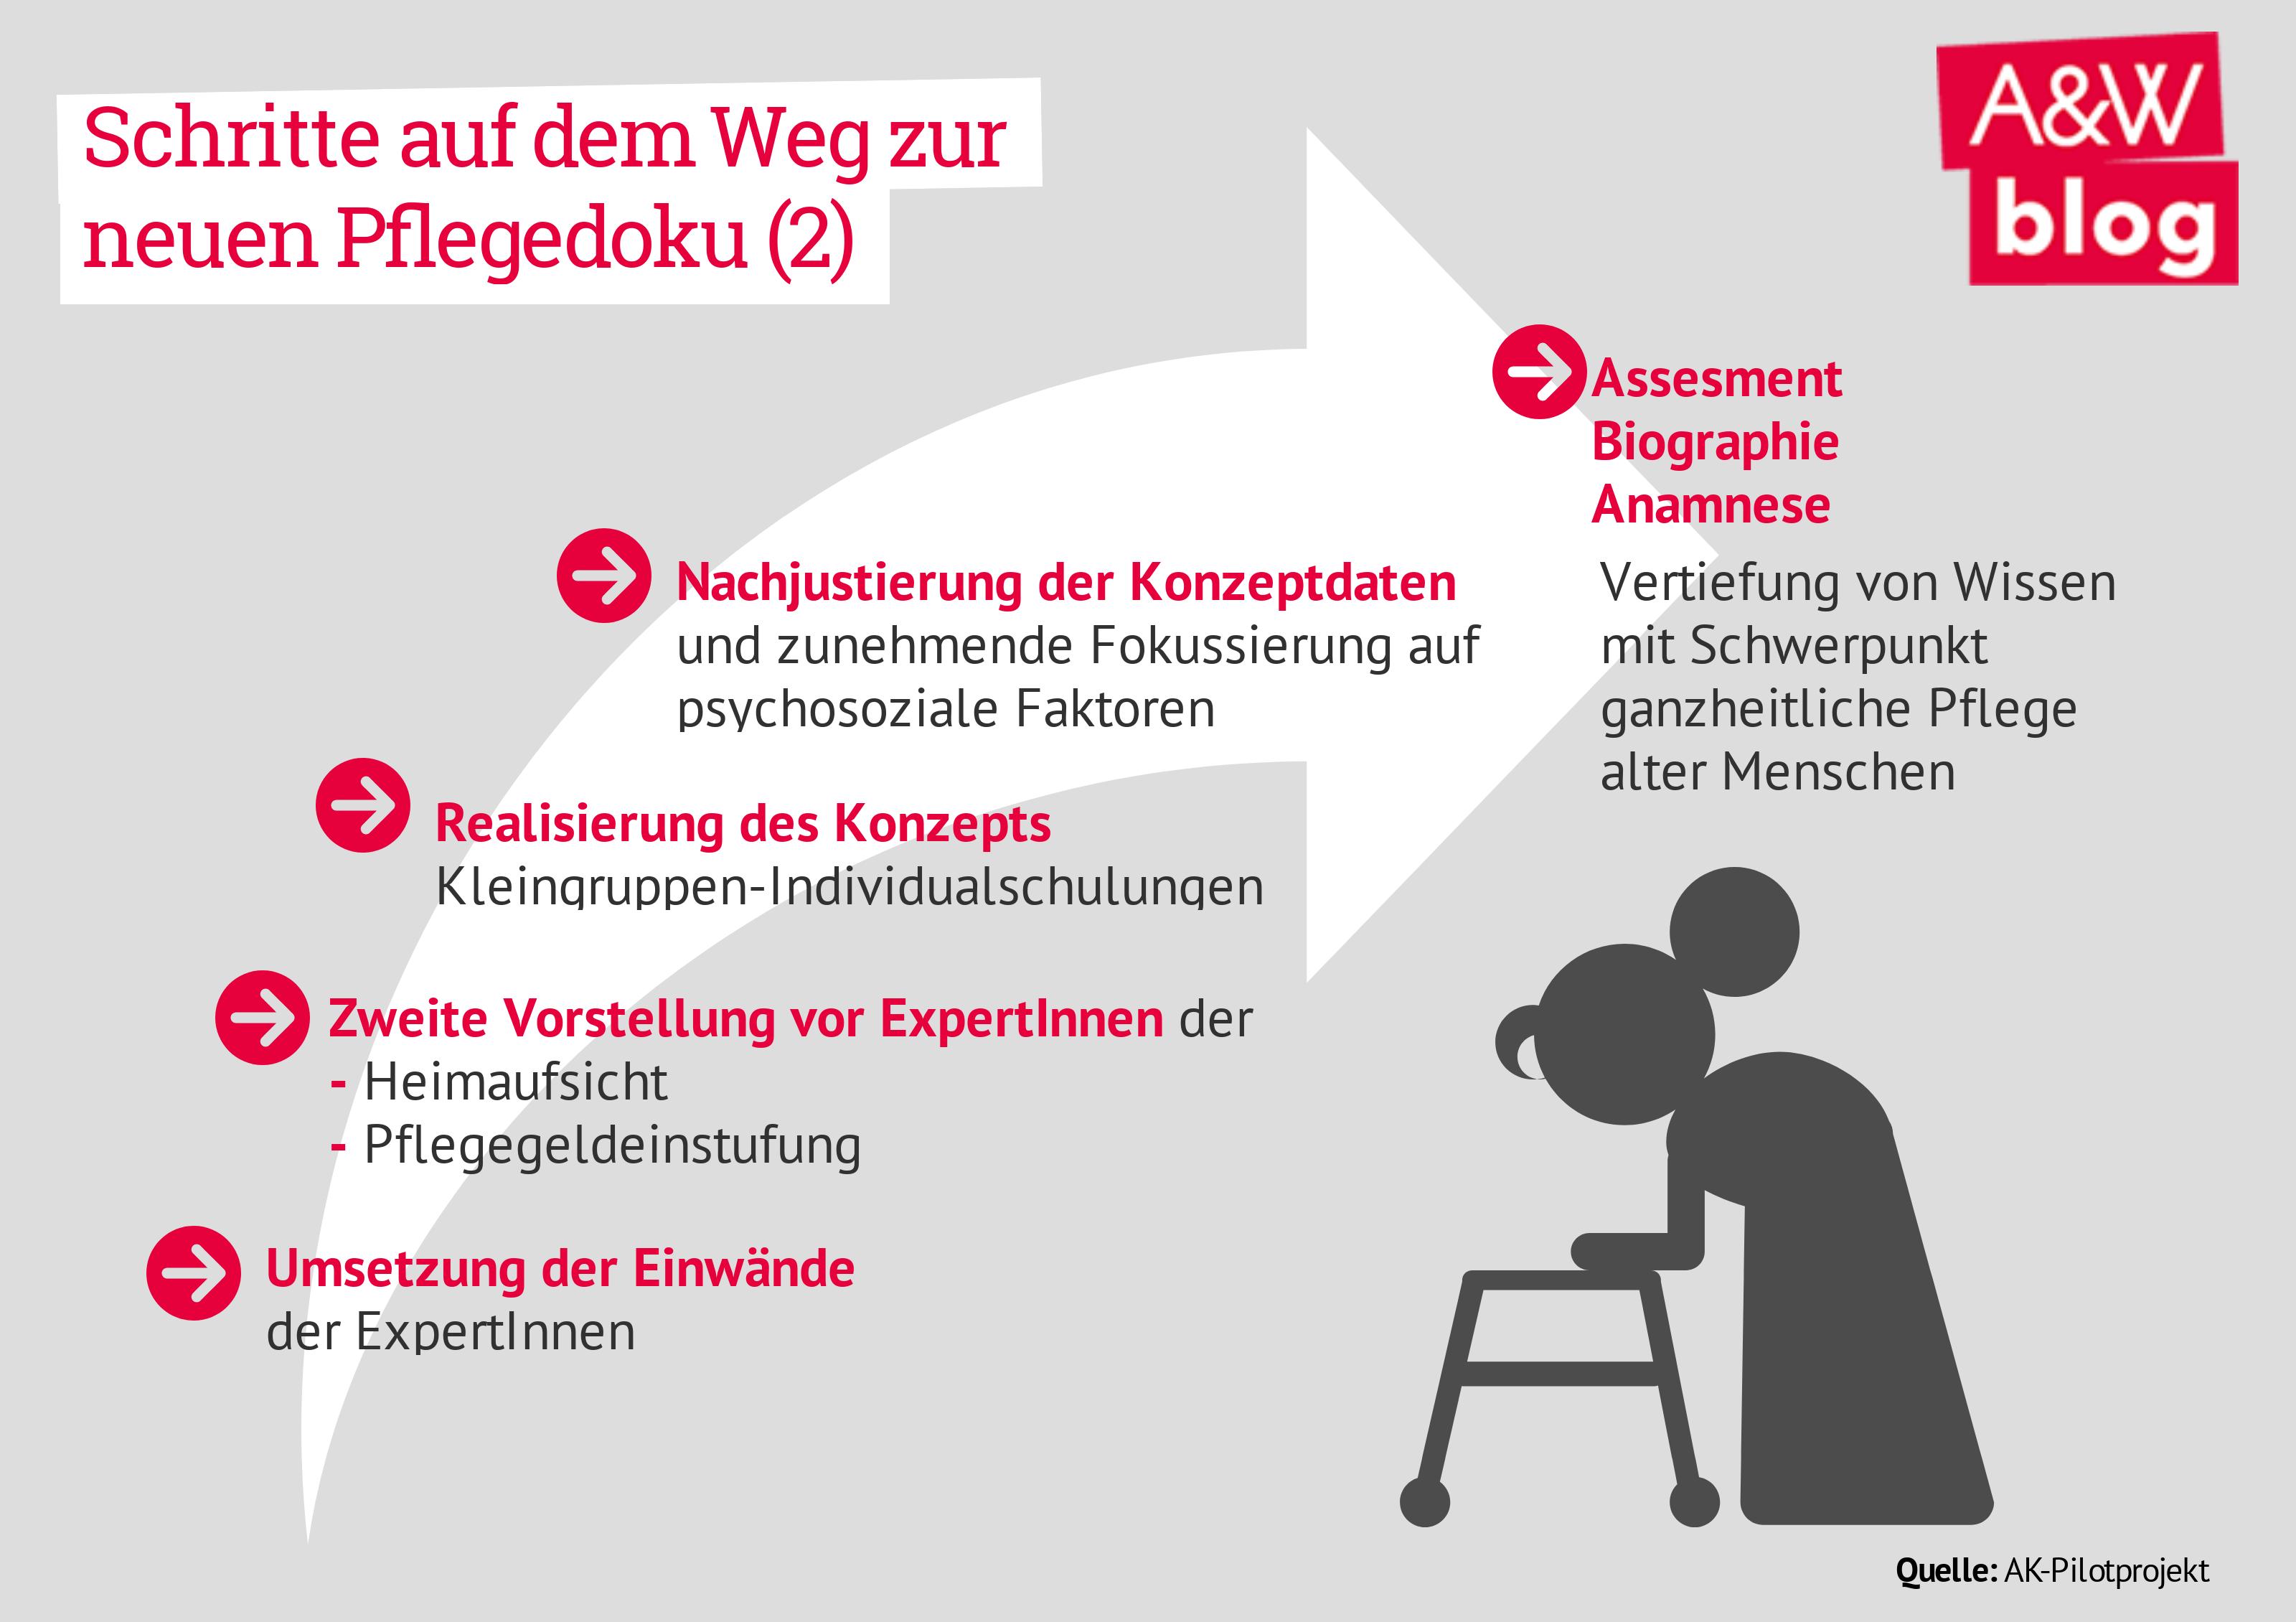 Schritte auf dem Weg zur neuen Pflegedoku (2)